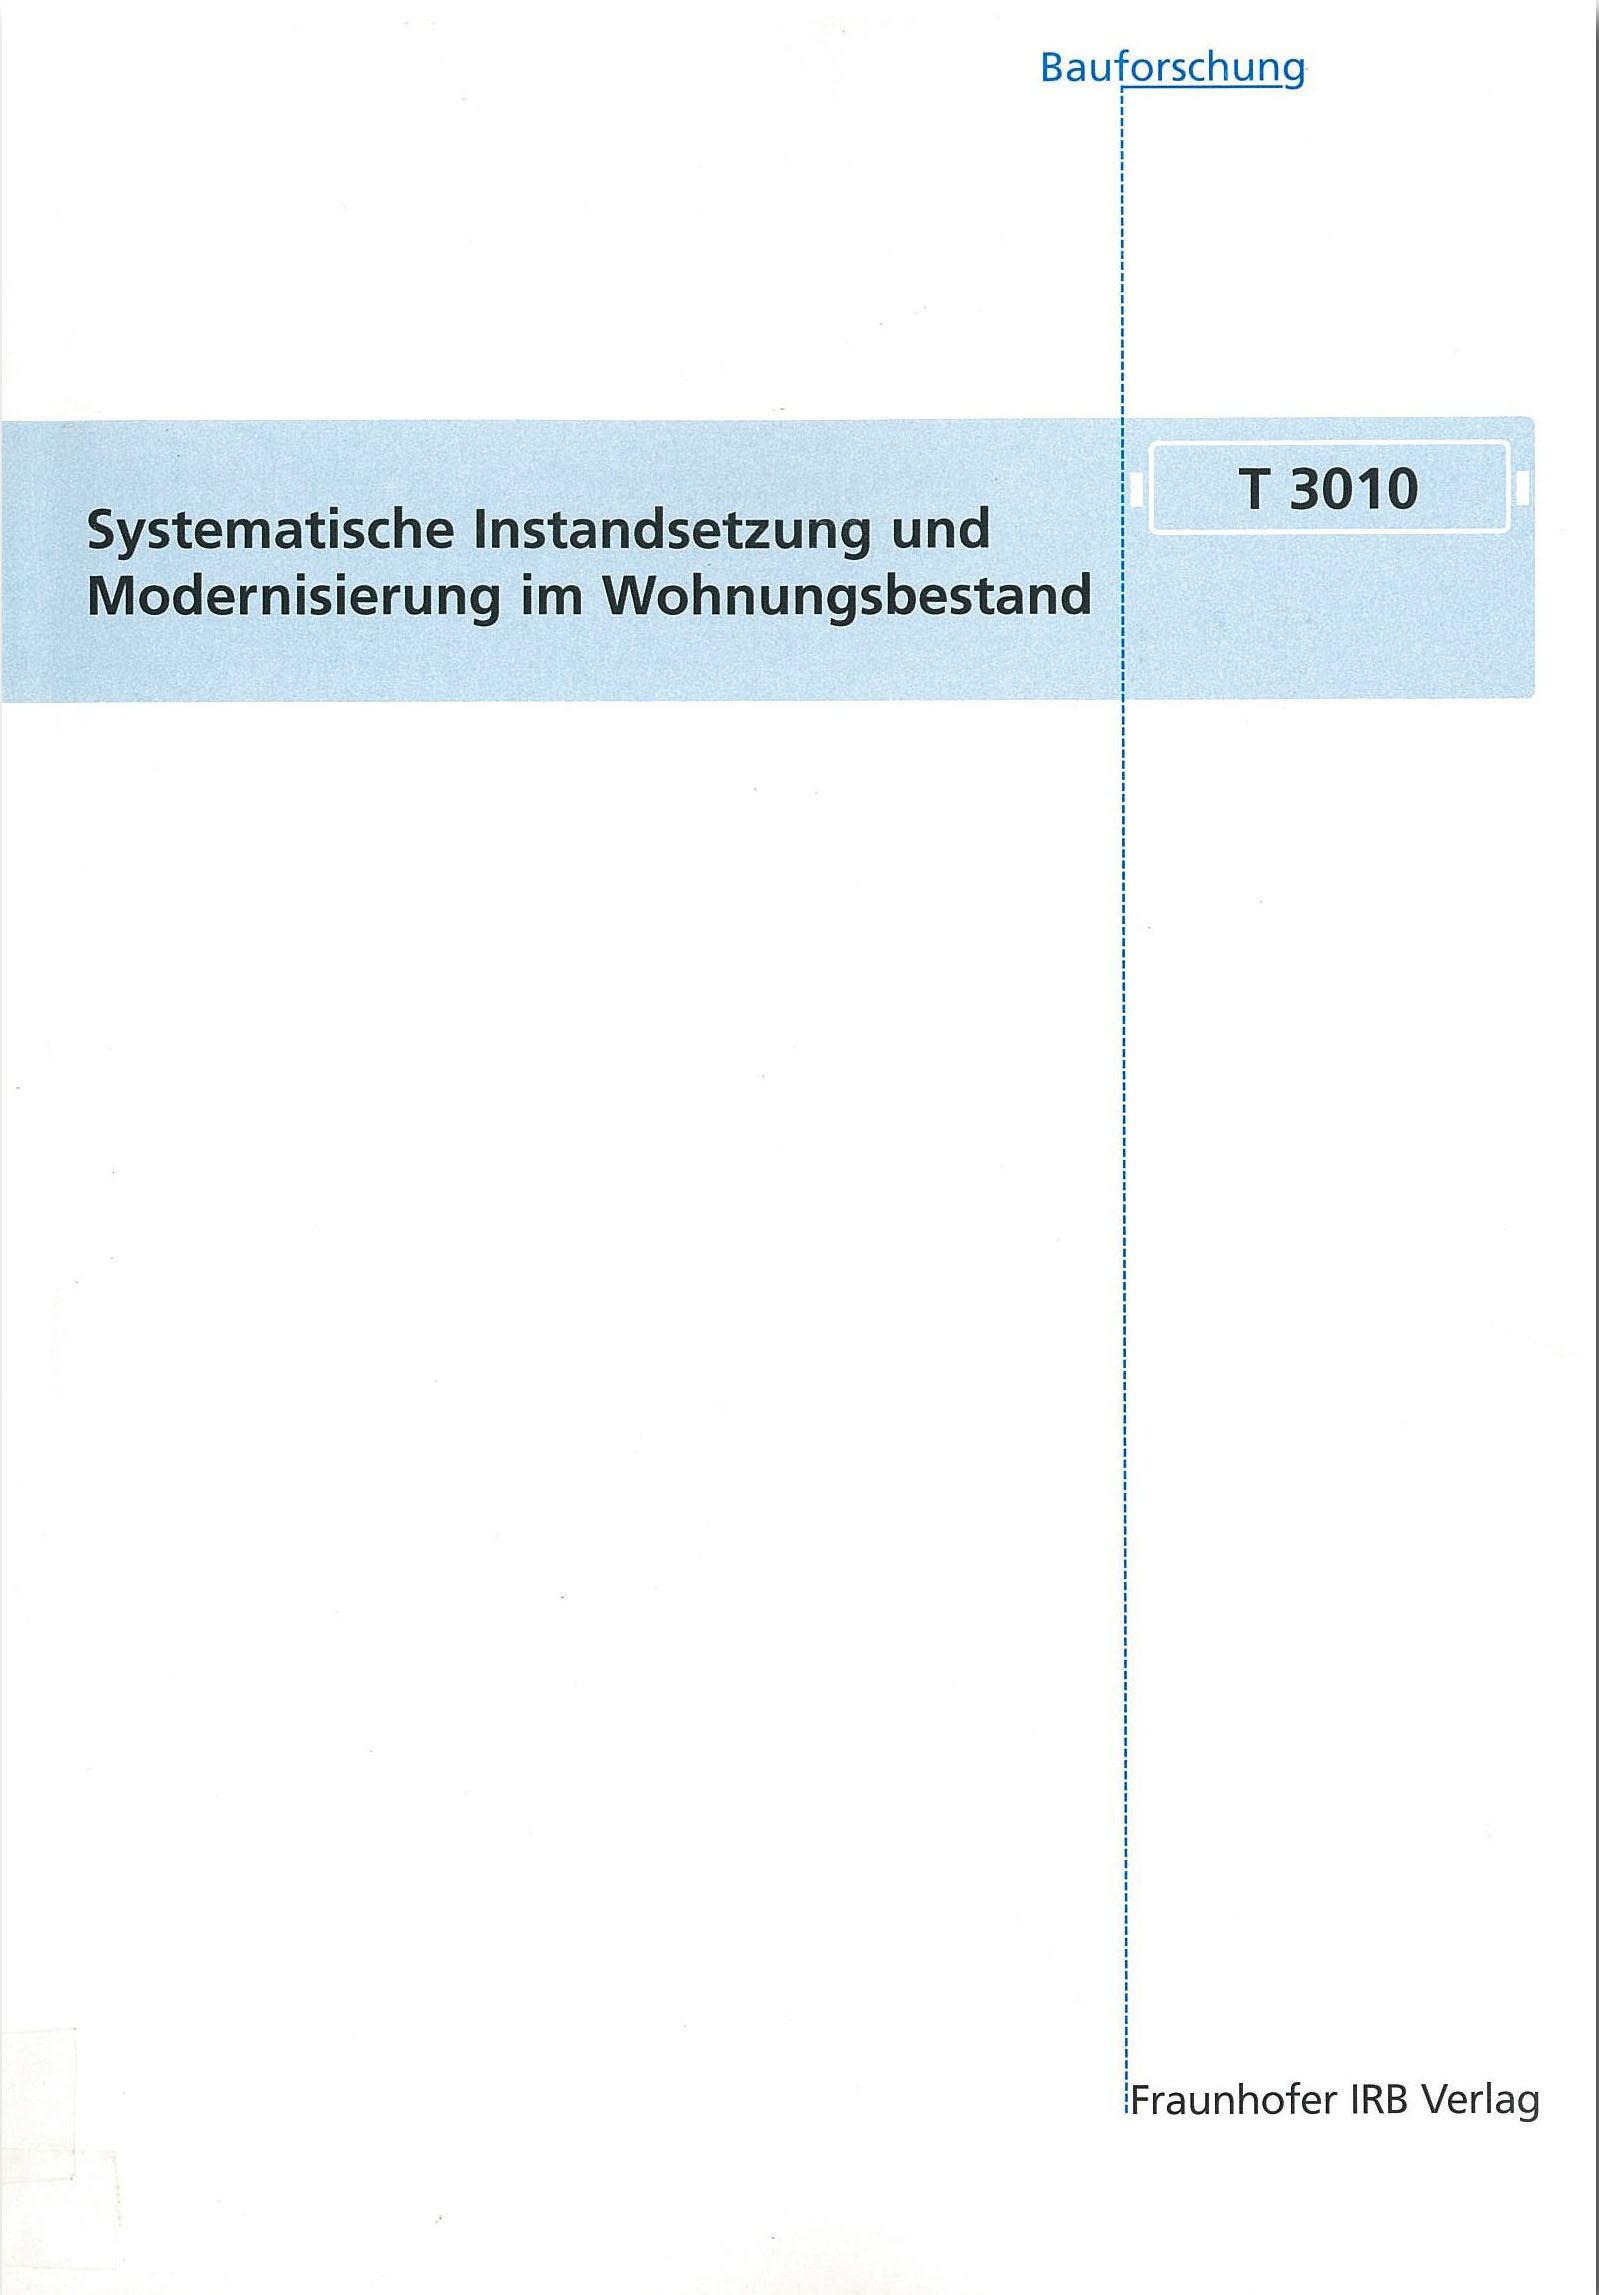 Forschungsbericht: Systematische Insstandsetzung und Modernisierung im Wohnungsbestand, Cover